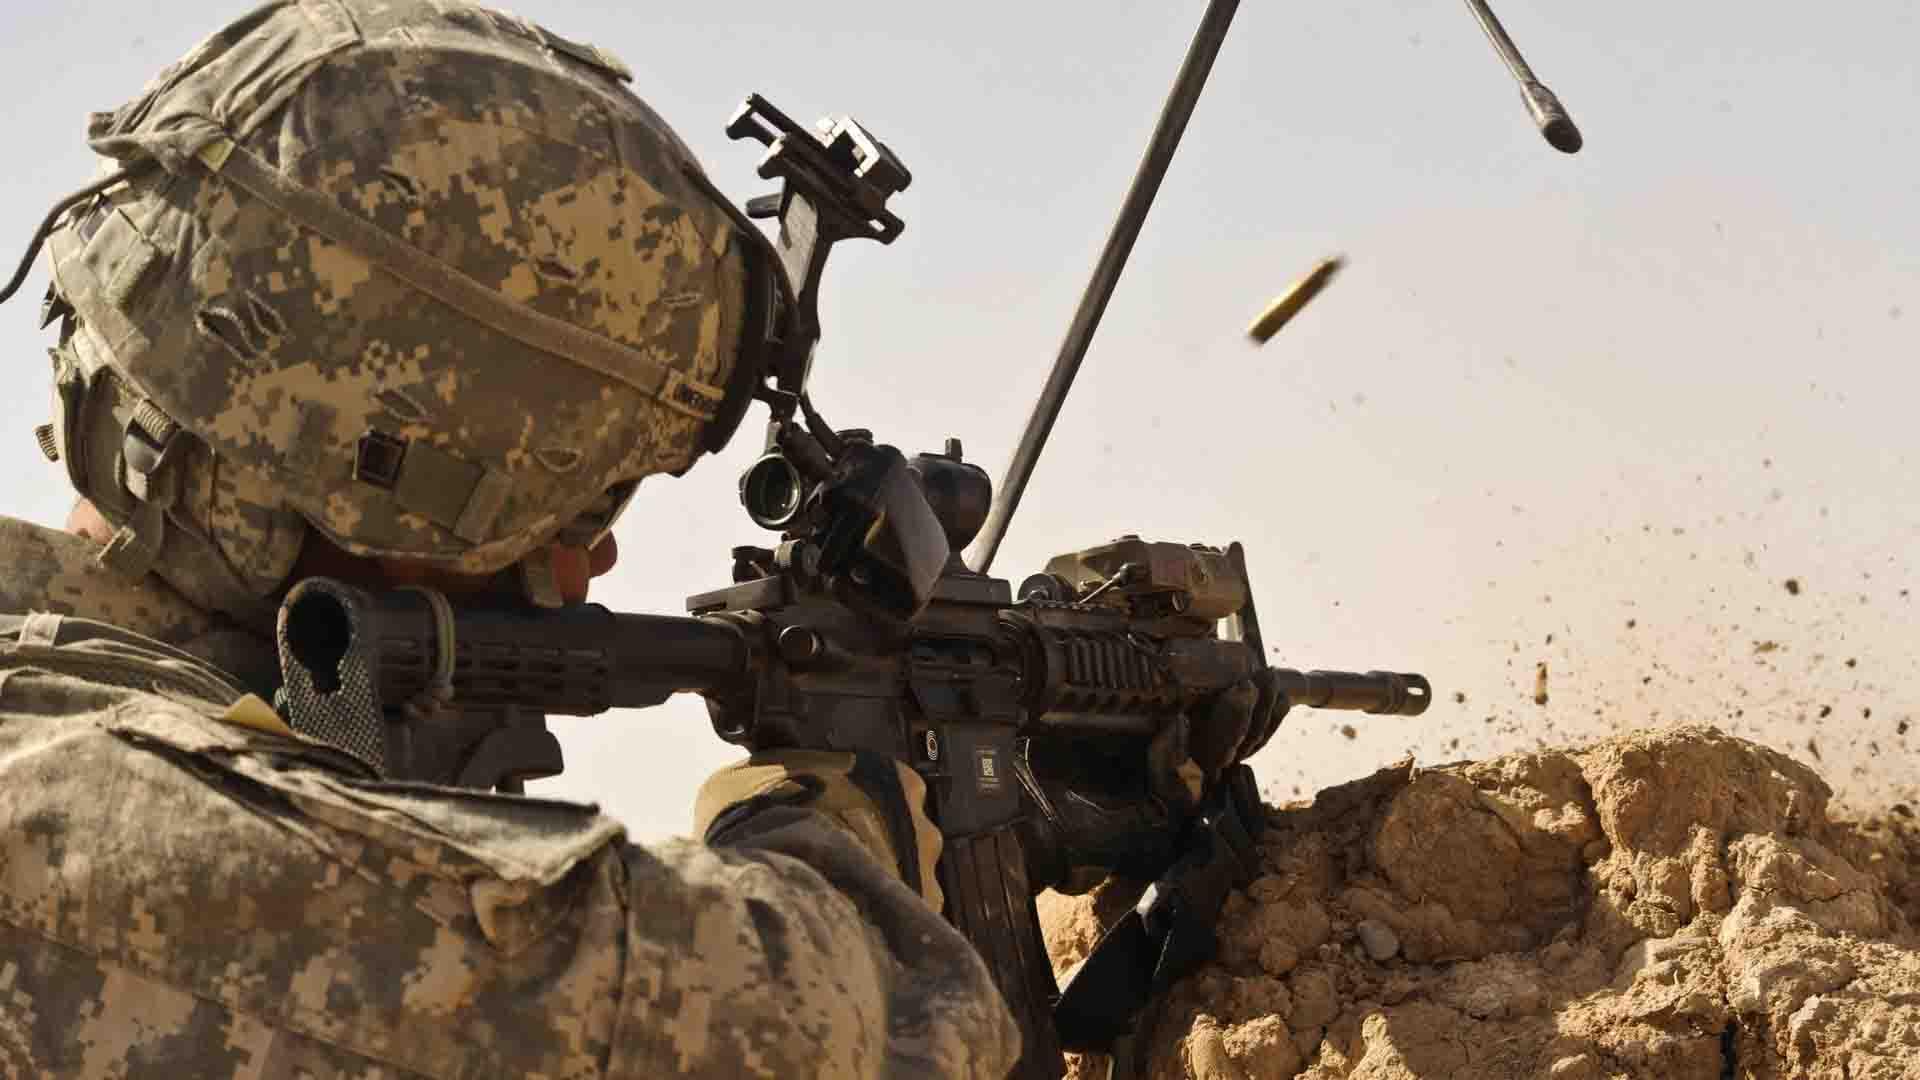 ANEKDOOT: Mees on sõjaväes ja käes on maskeerimise harjutamine...